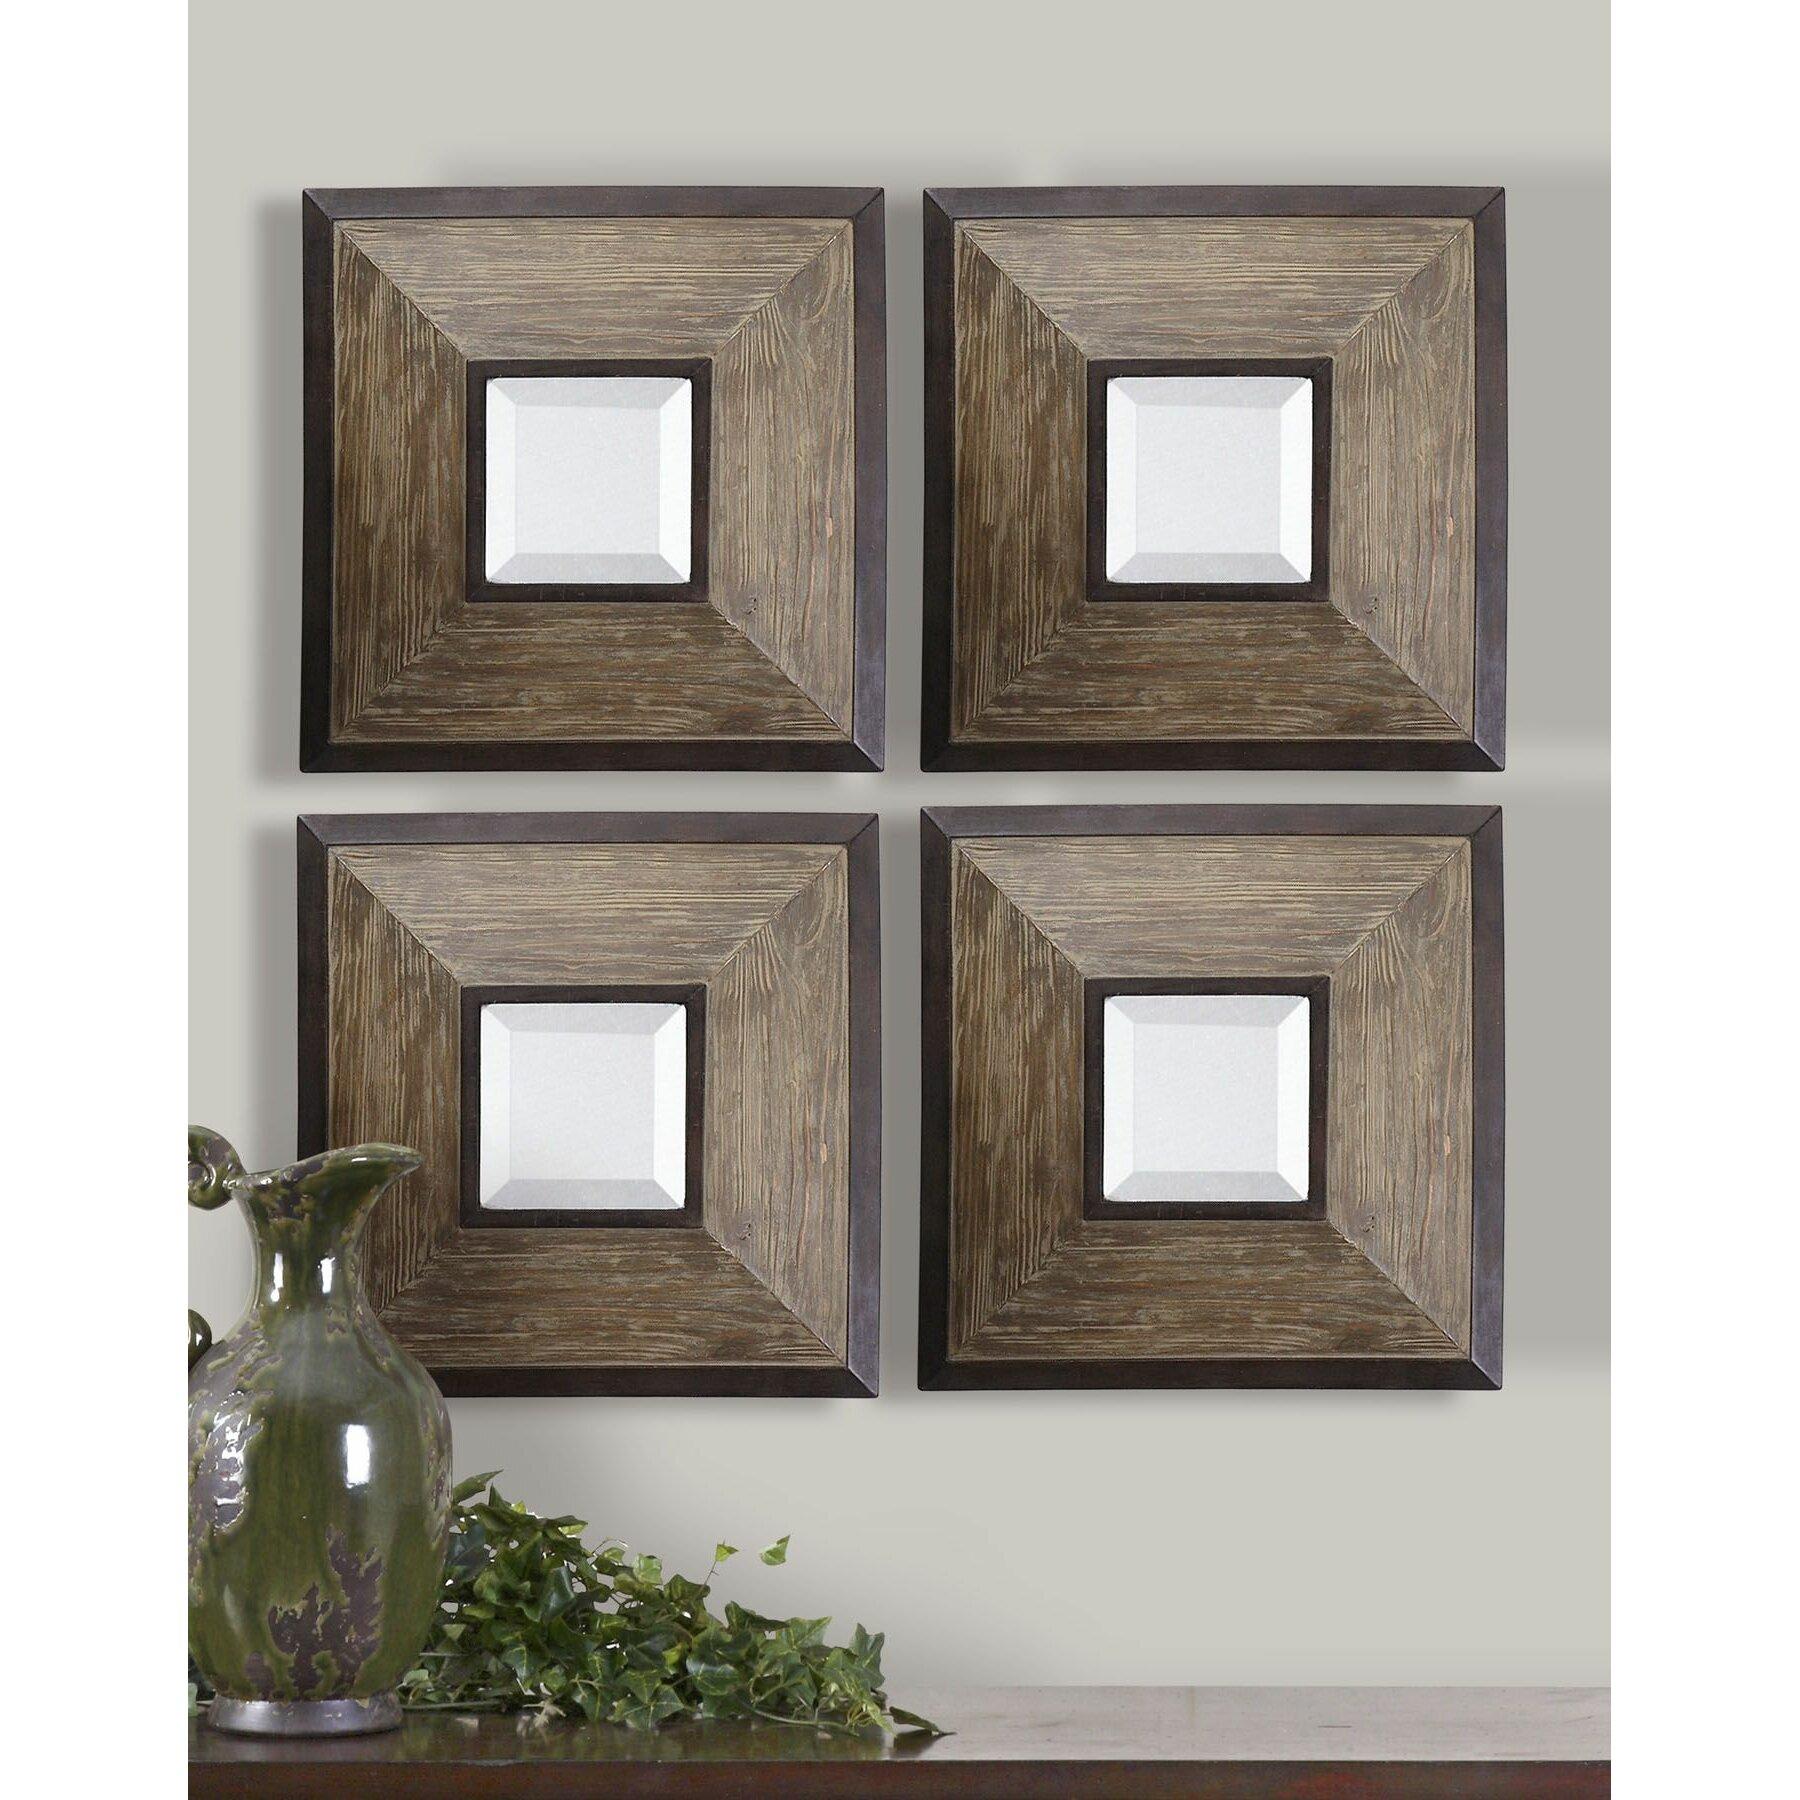 Vivian Wall Mirror By Uttermost: Uttermost Fendrel Wall Mirror & Reviews